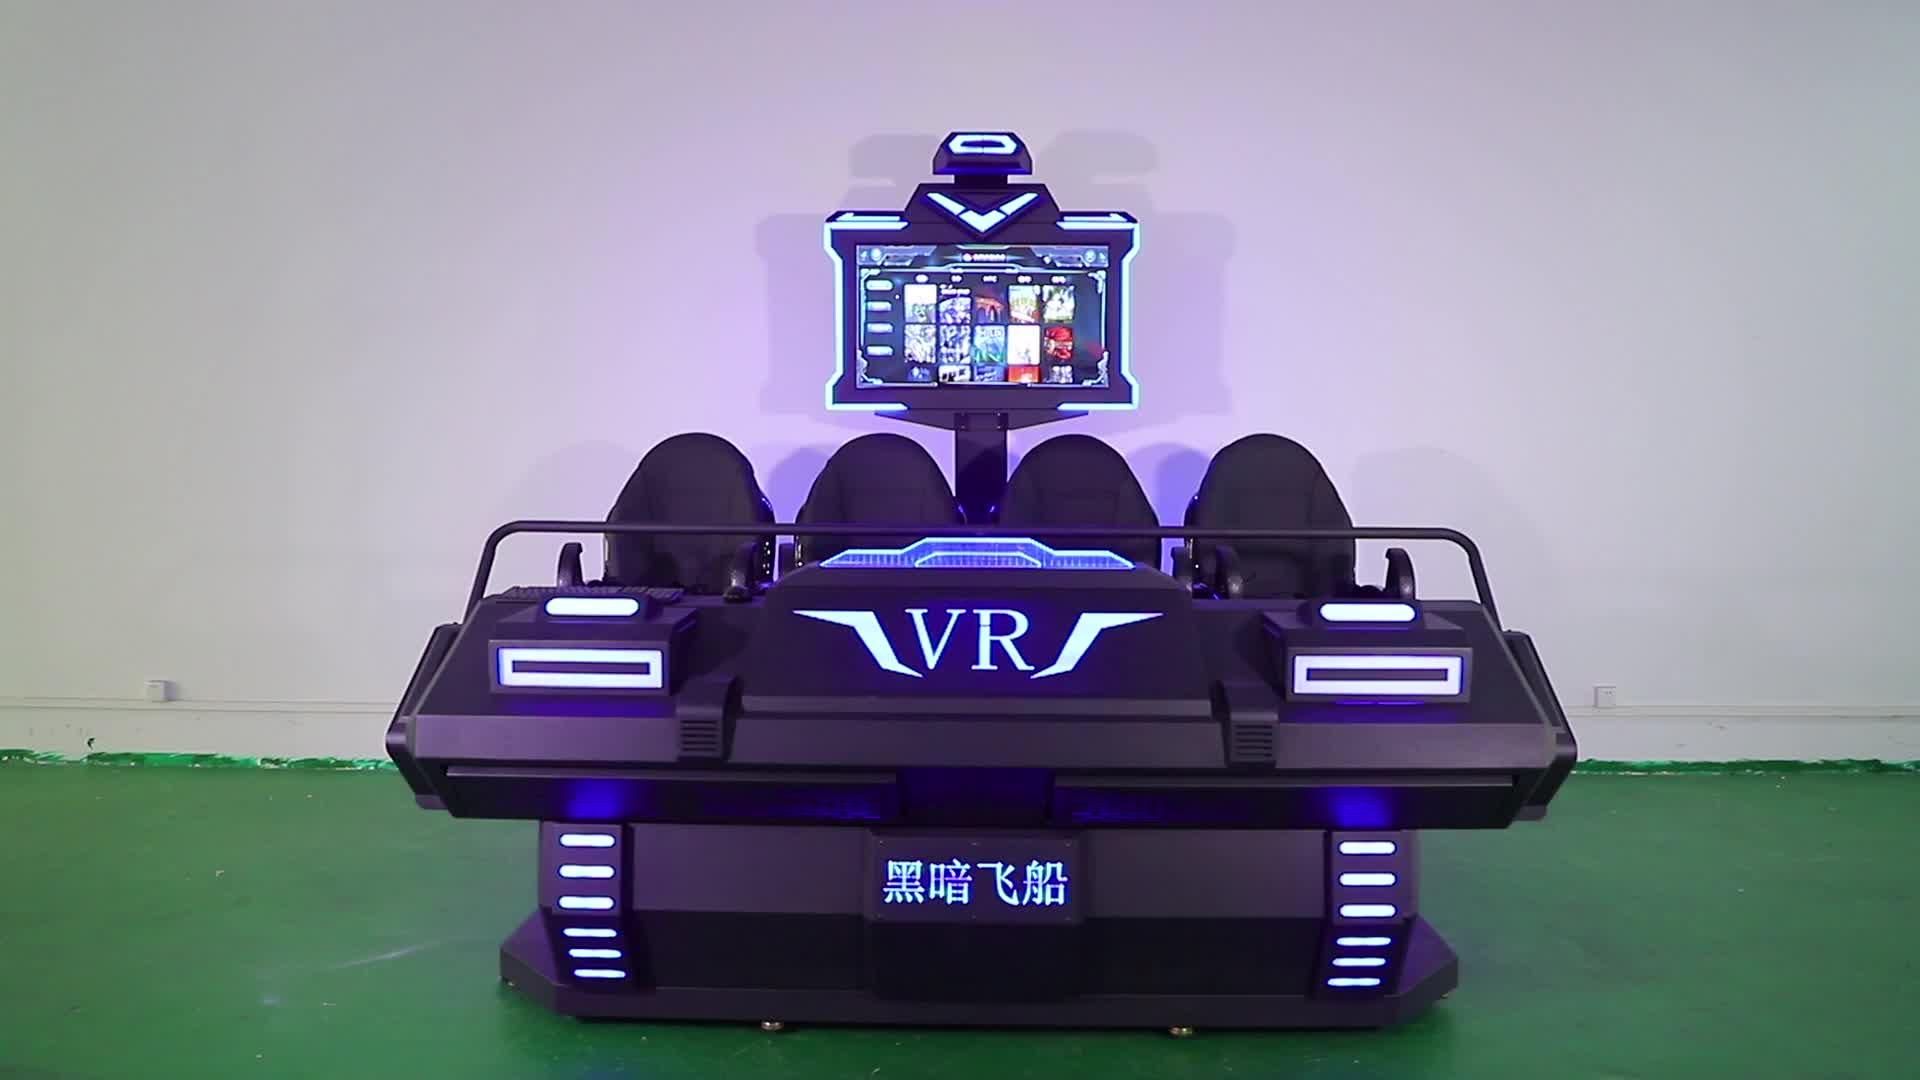 Mô Hình Mới 9D VR Điện Nền Tảng 4 Ghế Thực Tế Ảo Điện Ảnh Mô Phỏng Máy